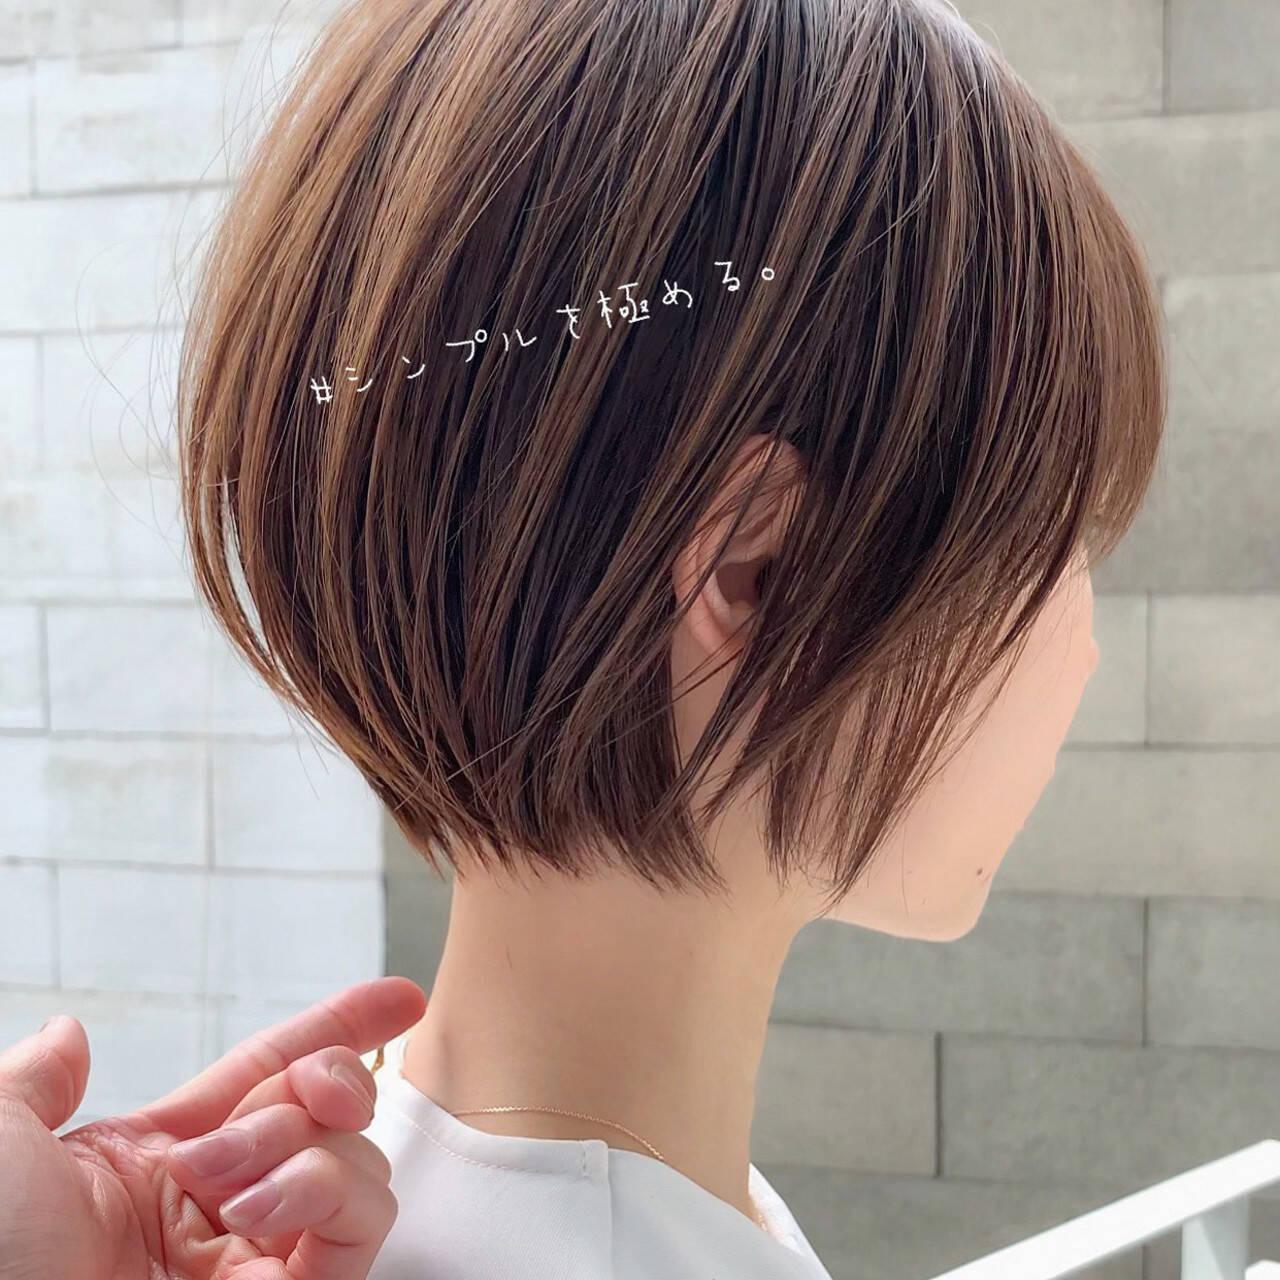 ショートヘア ショートボブ 簡単ヘアアレンジ ベリーショートヘアスタイルや髪型の写真・画像